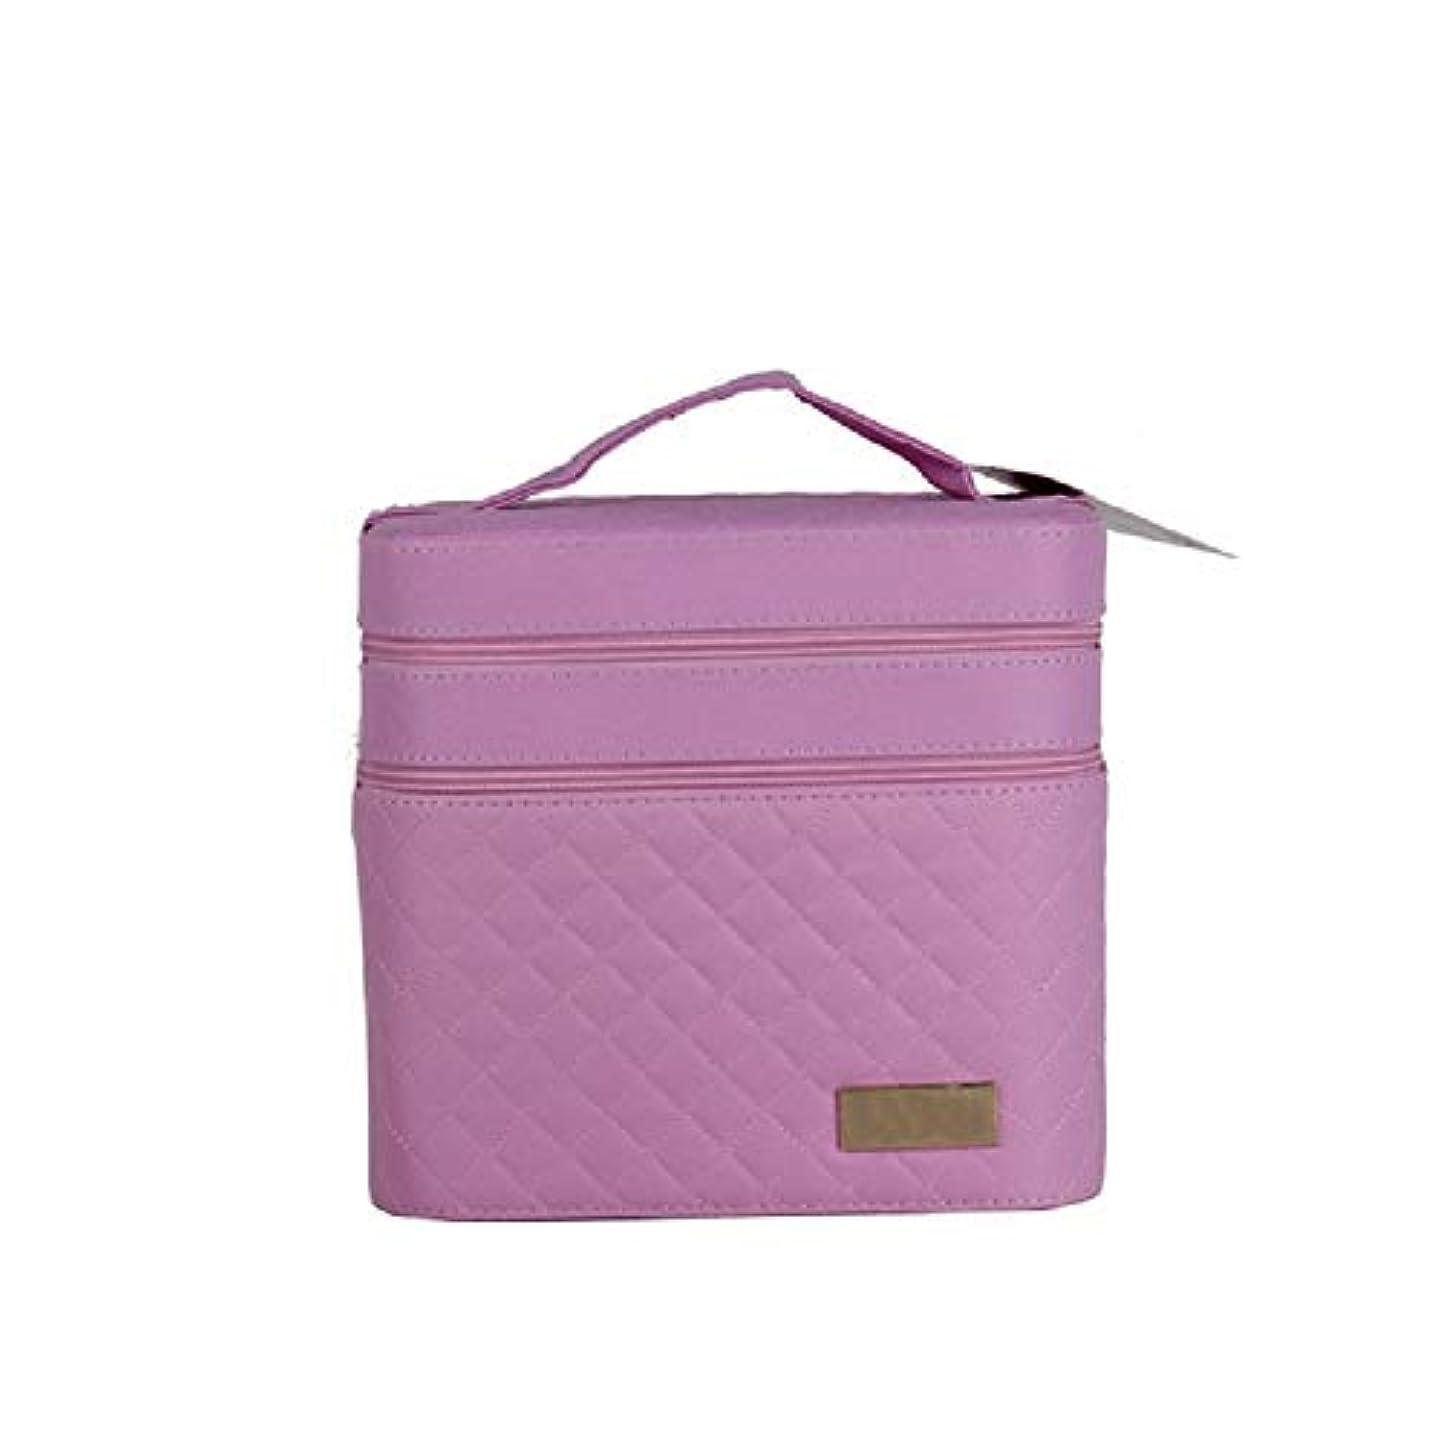 キッチン口ひげ宣教師化粧オーガナイザーバッグ ジッパーと化粧鏡で小さなものの種類の旅行のための美容メイクアップのためのピンクのポータブル化粧品バッグ 化粧品ケース